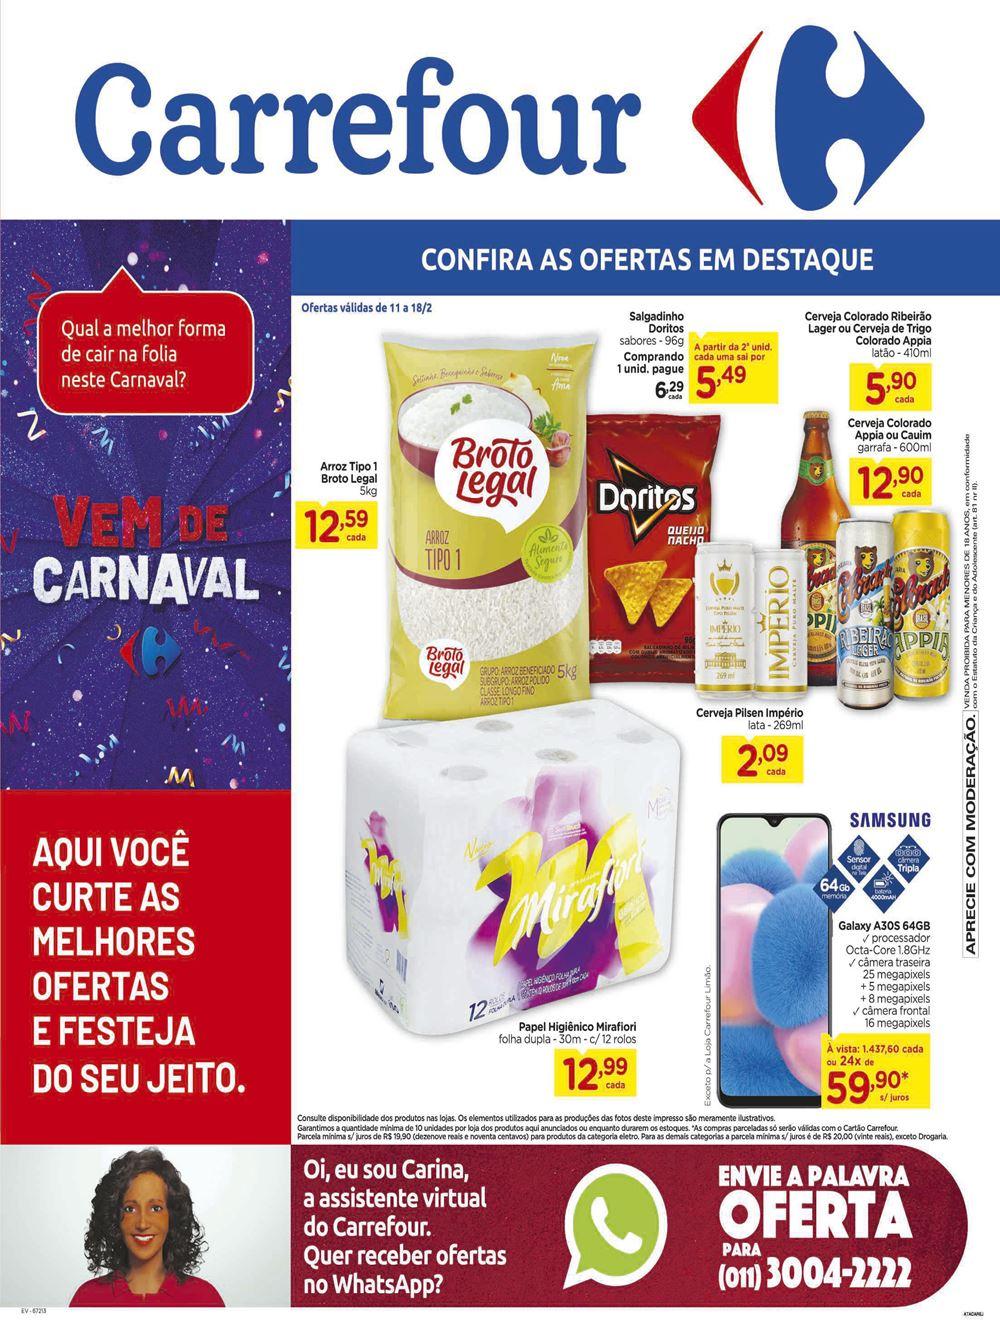 carrefour-Ofertas-tabloide1-1 F de Semana Carrefour até 26/01